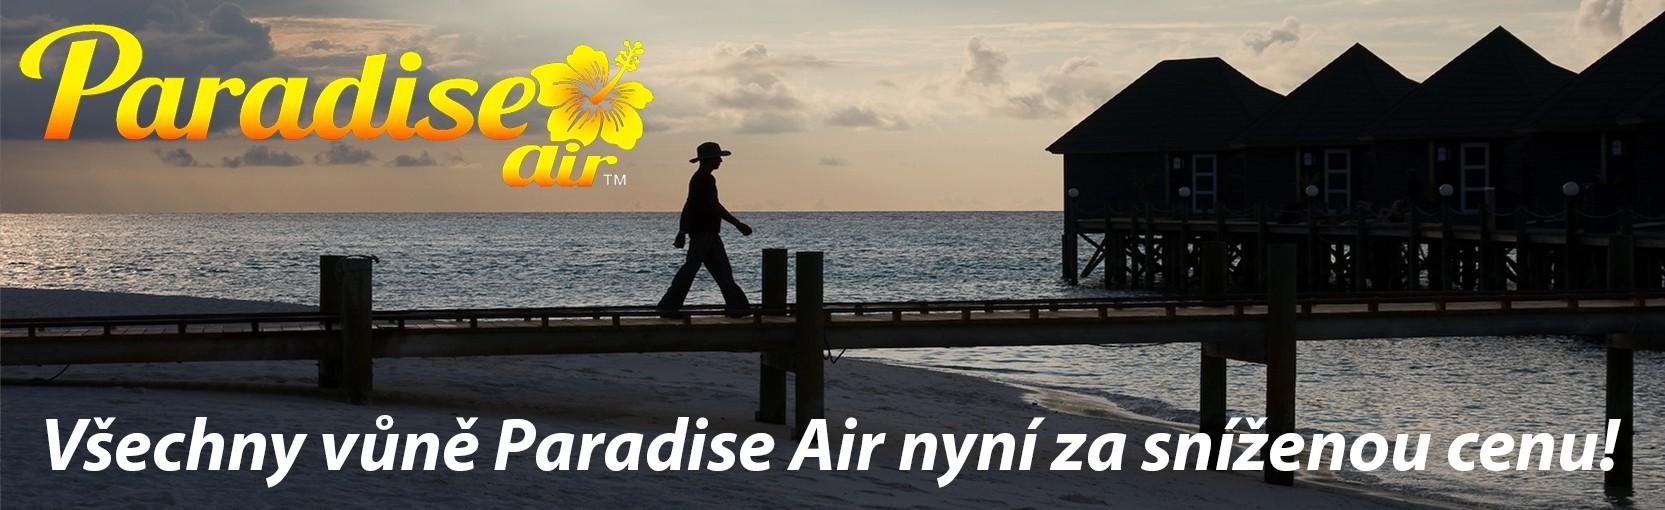 Paradise Air všechno ve slevě! Snížené ceny!